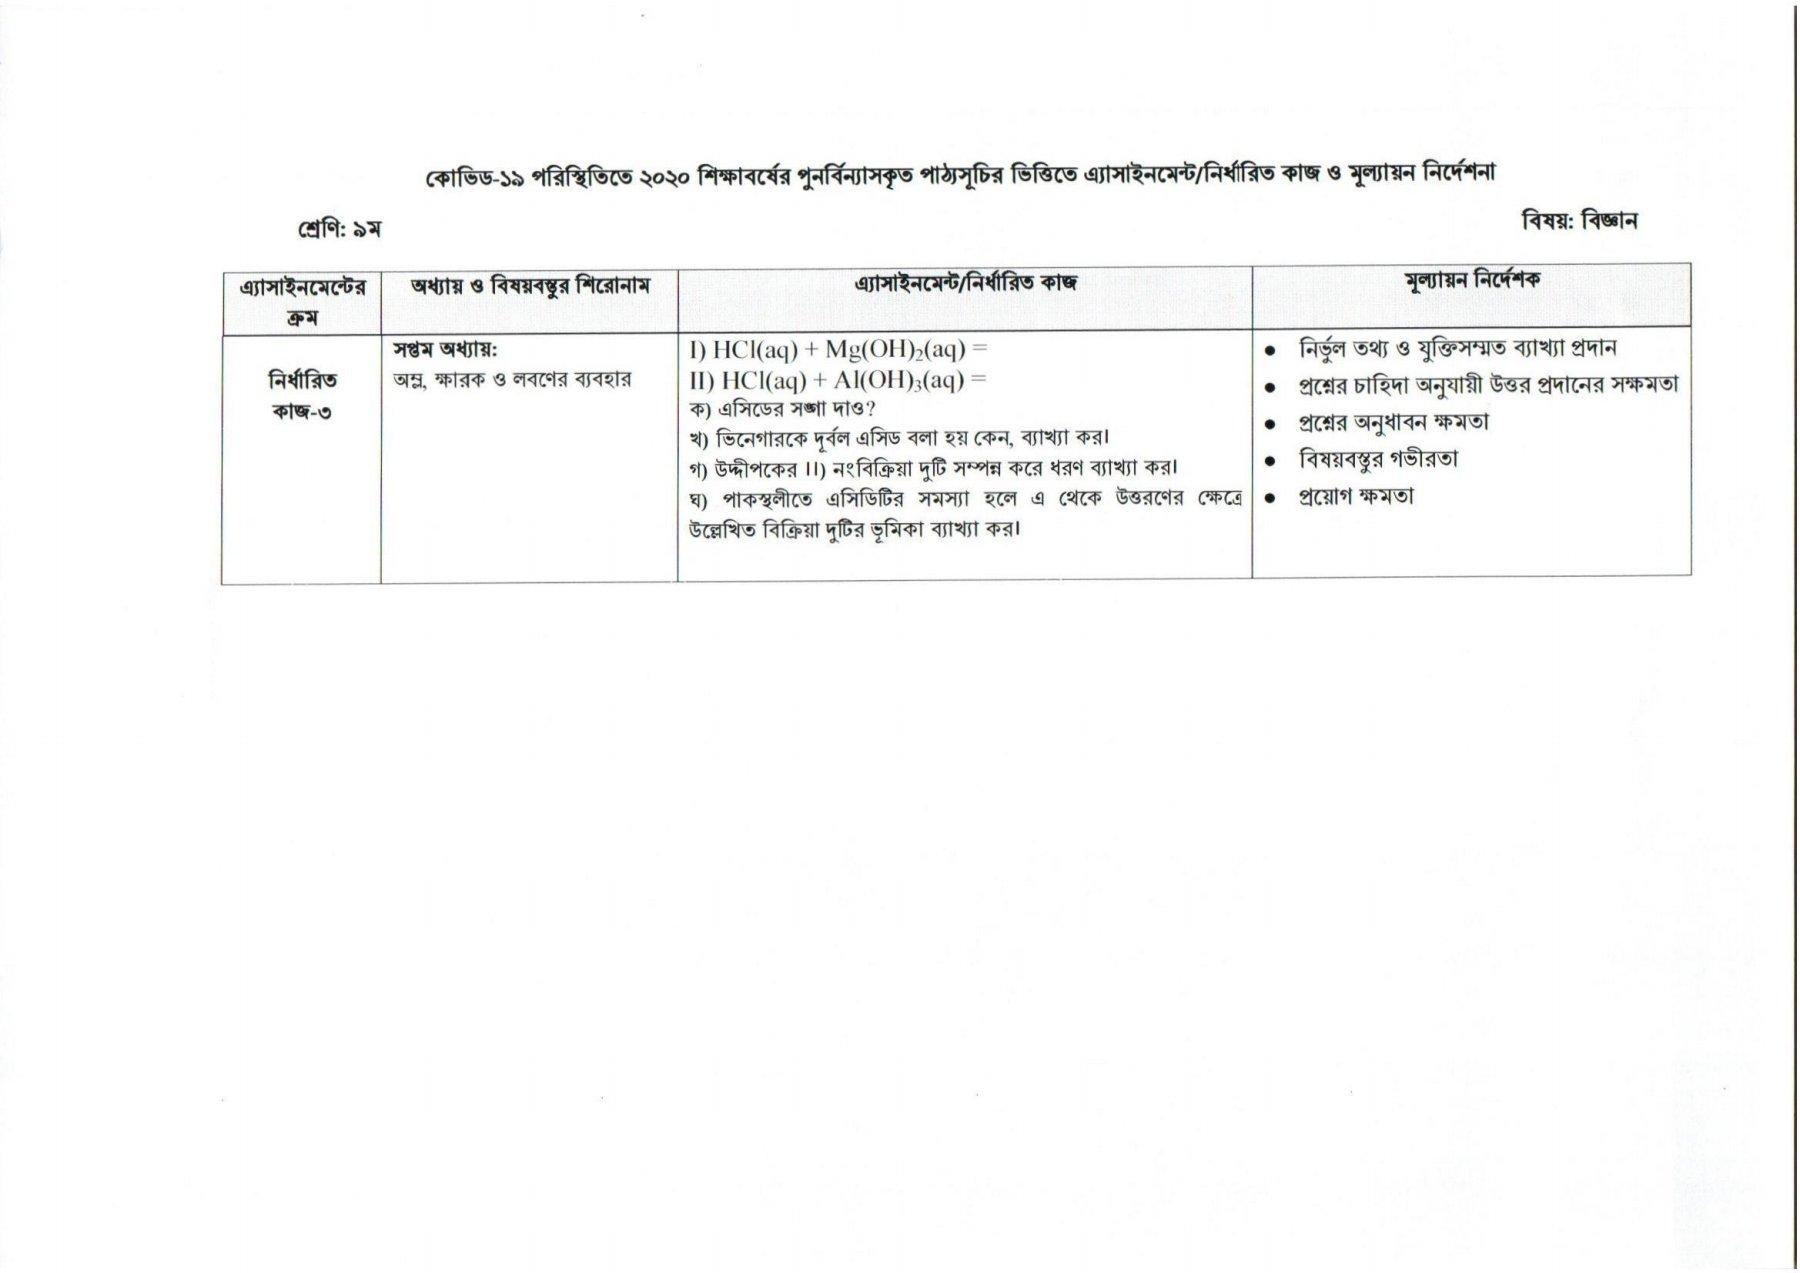 ষষ্ঠ সপ্তাহের নবম/৯ম শ্রেণীর বিজ্ঞান এসাইনমেন্ট প্রশ্ন ও সমাধান